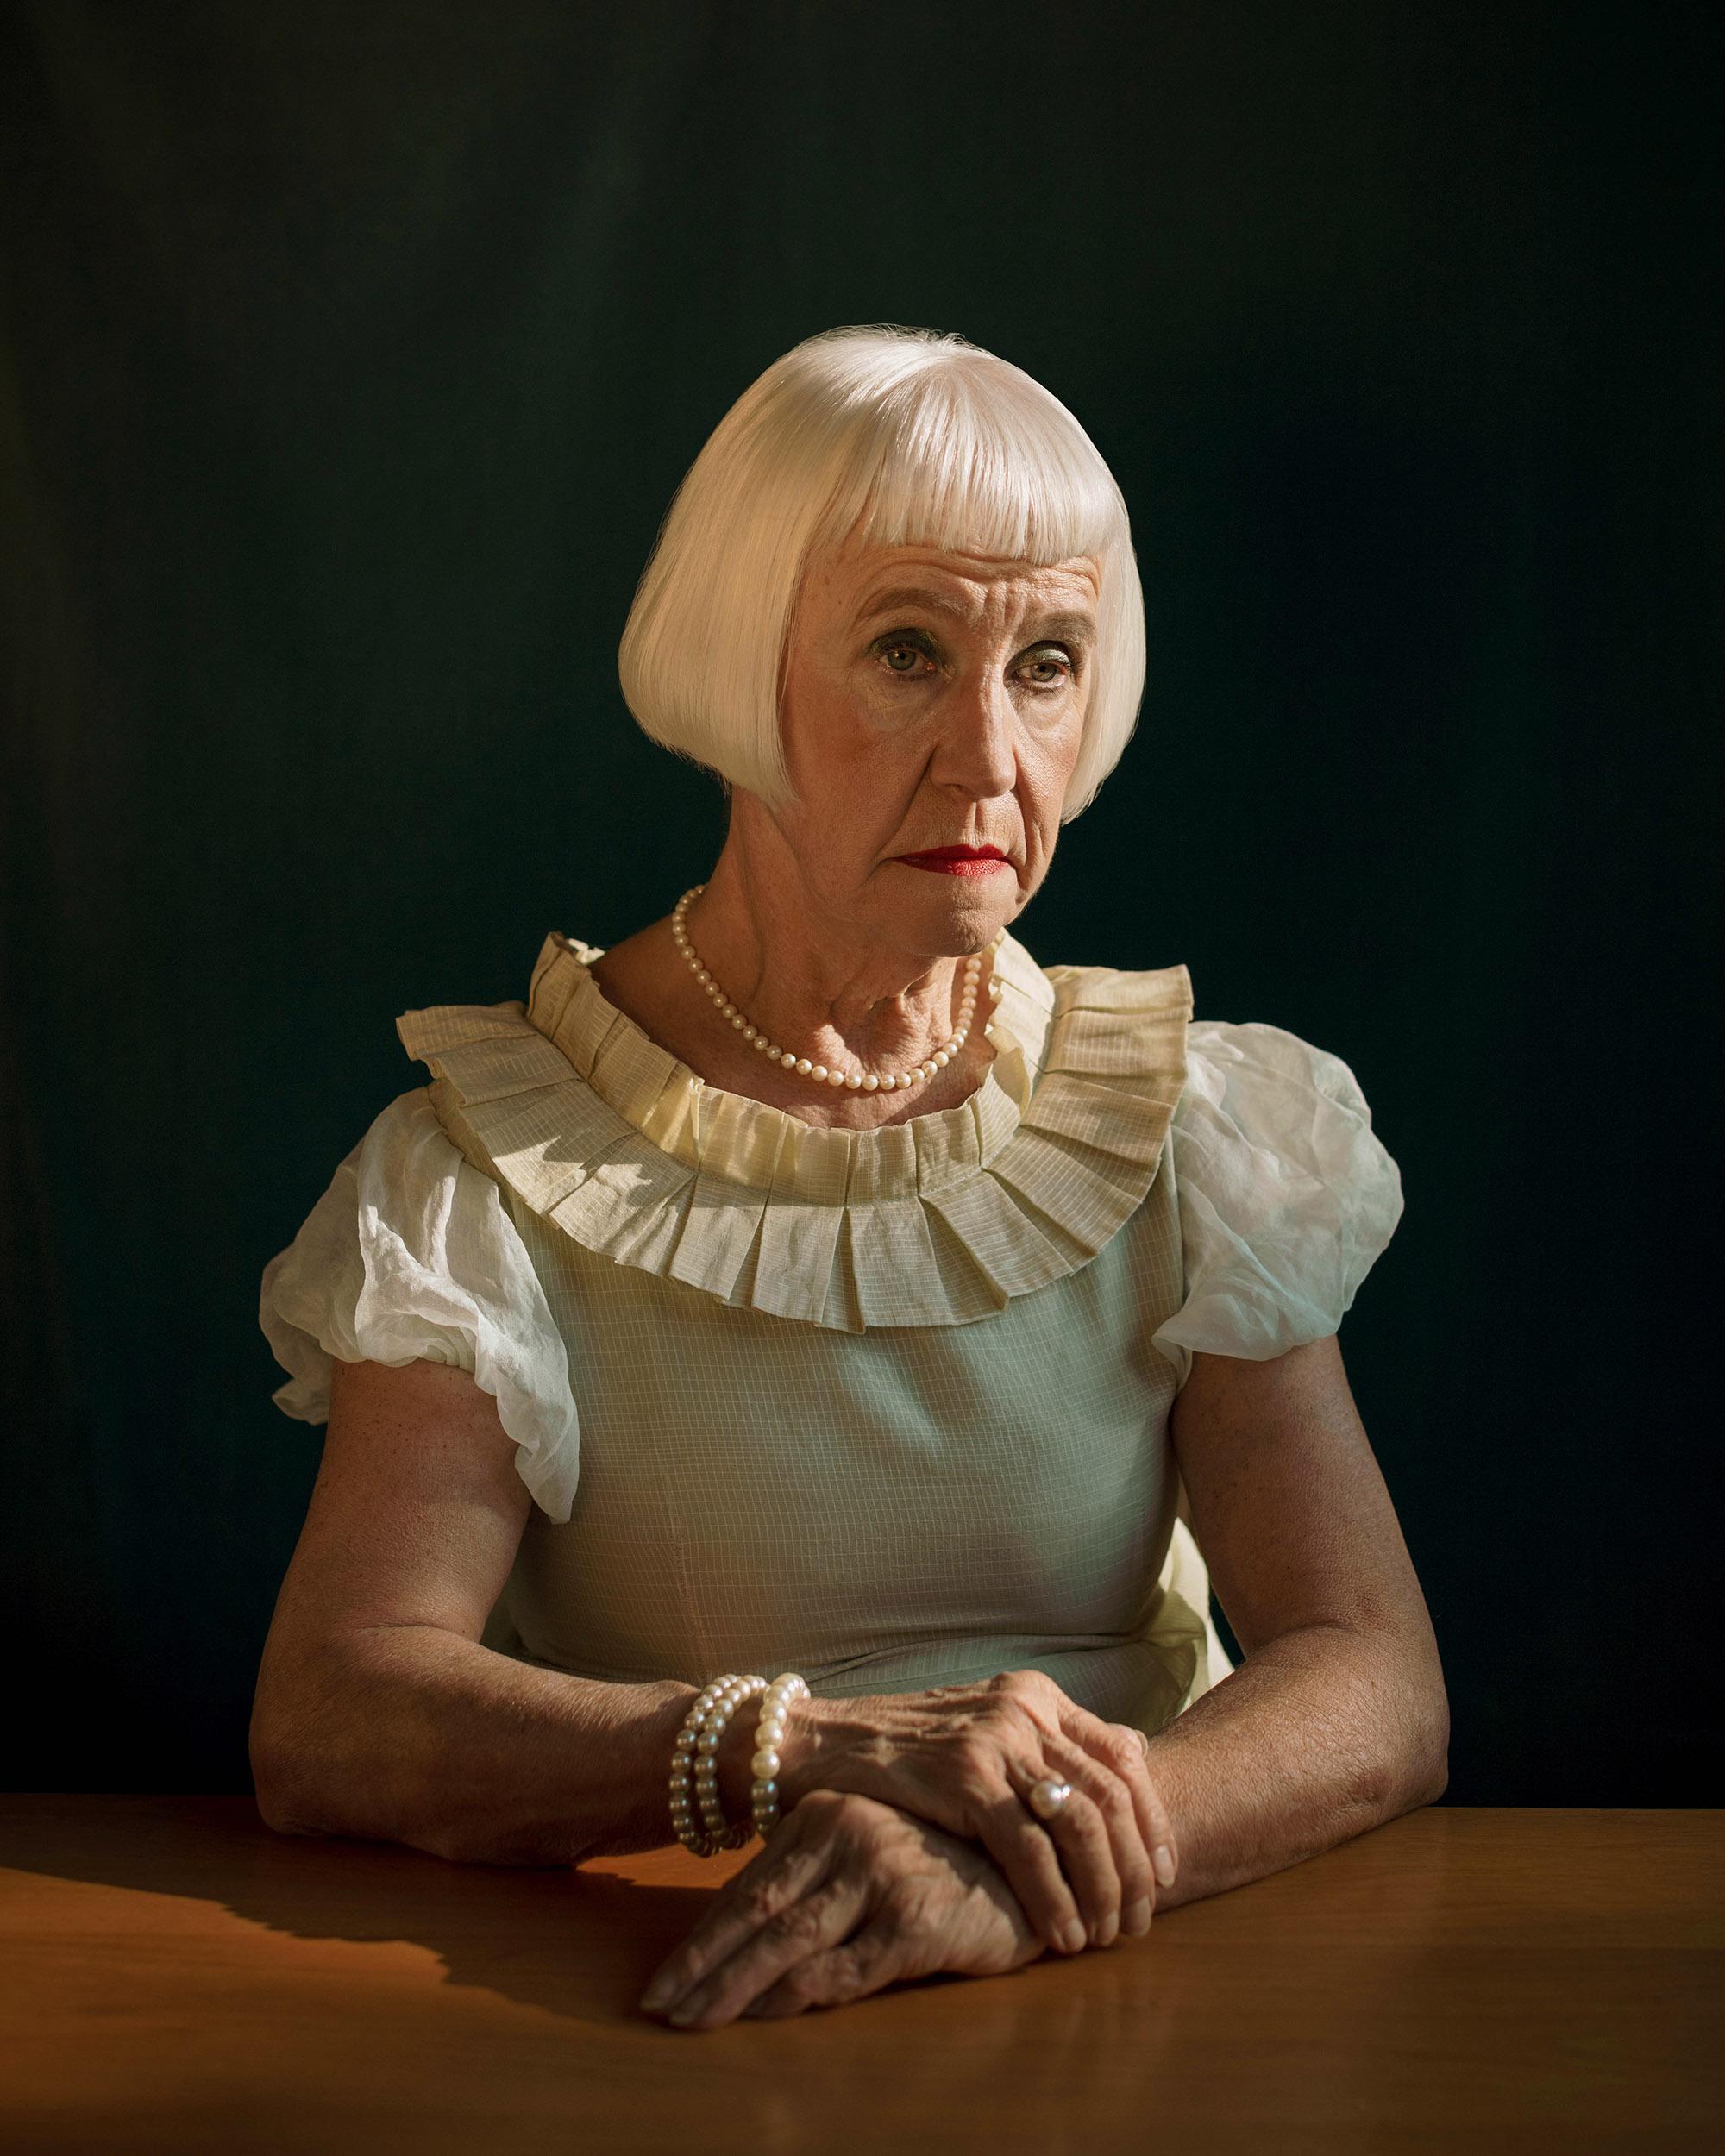 Portrait photographie couleur, Finaliste du Concours People